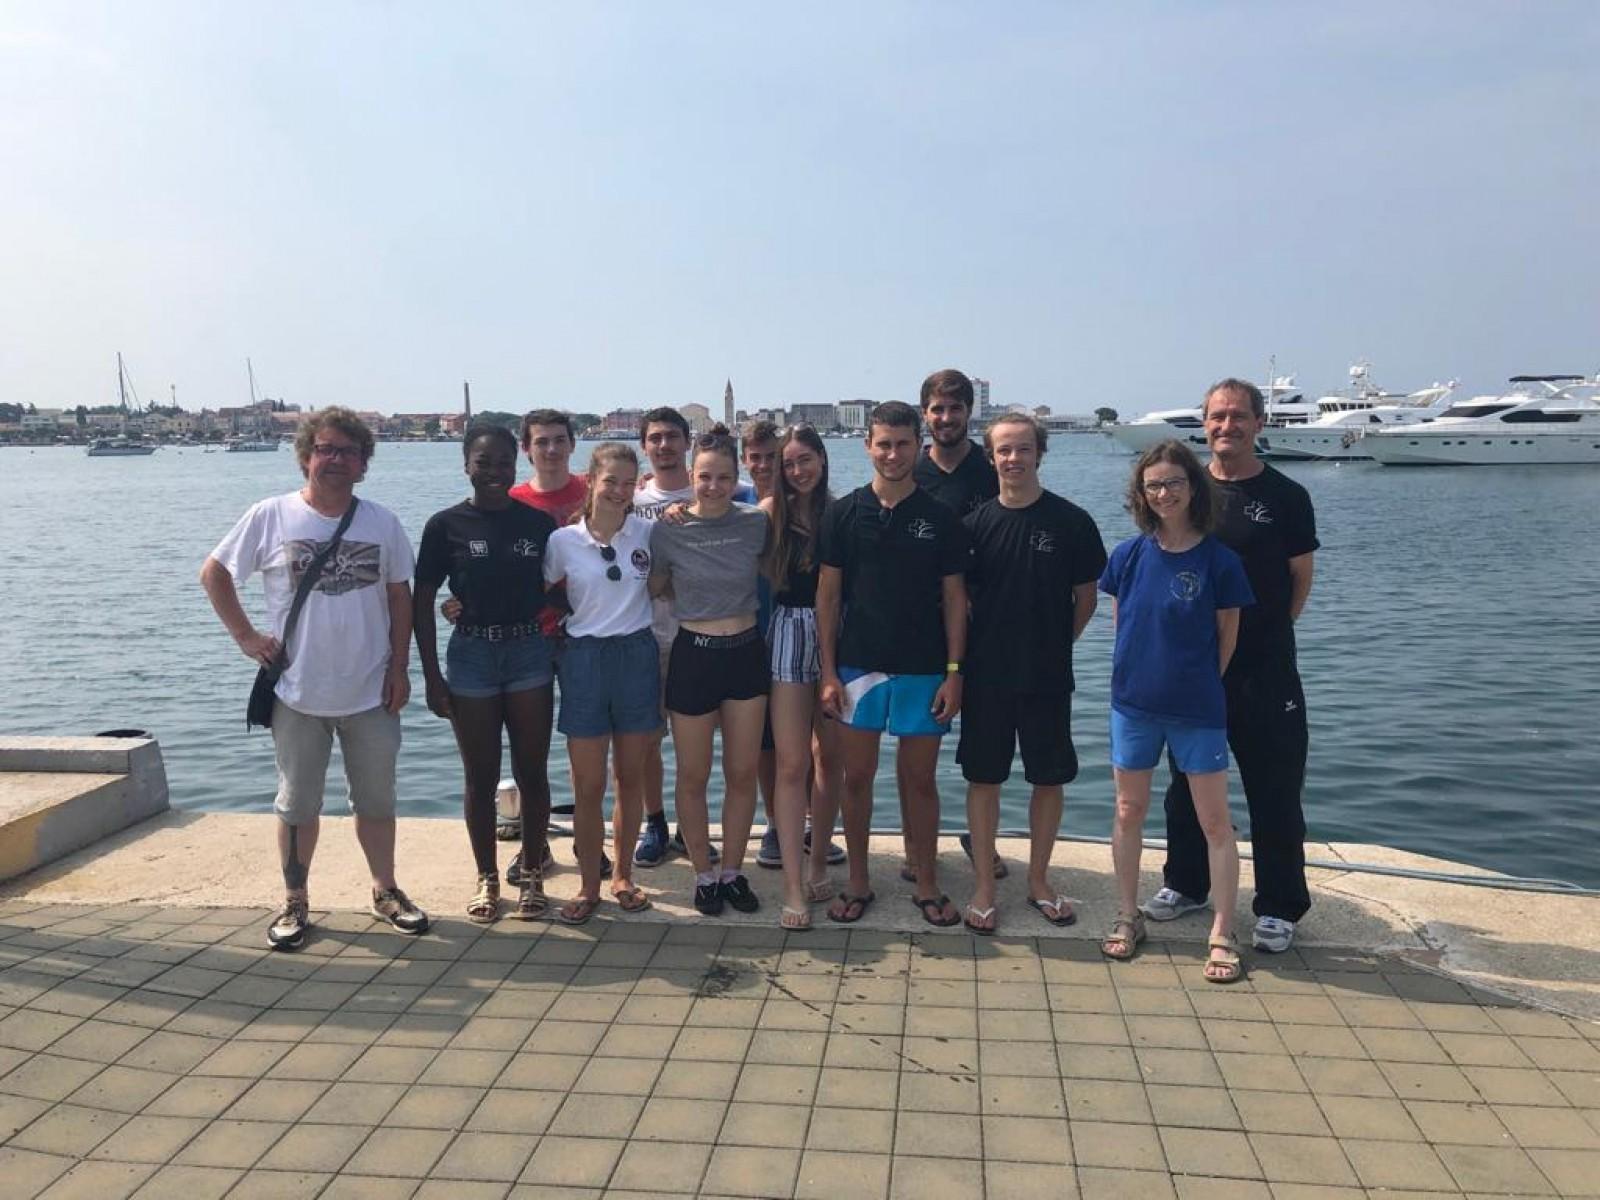 Wettkampfteam Lyss/Aarberg in Kroatien